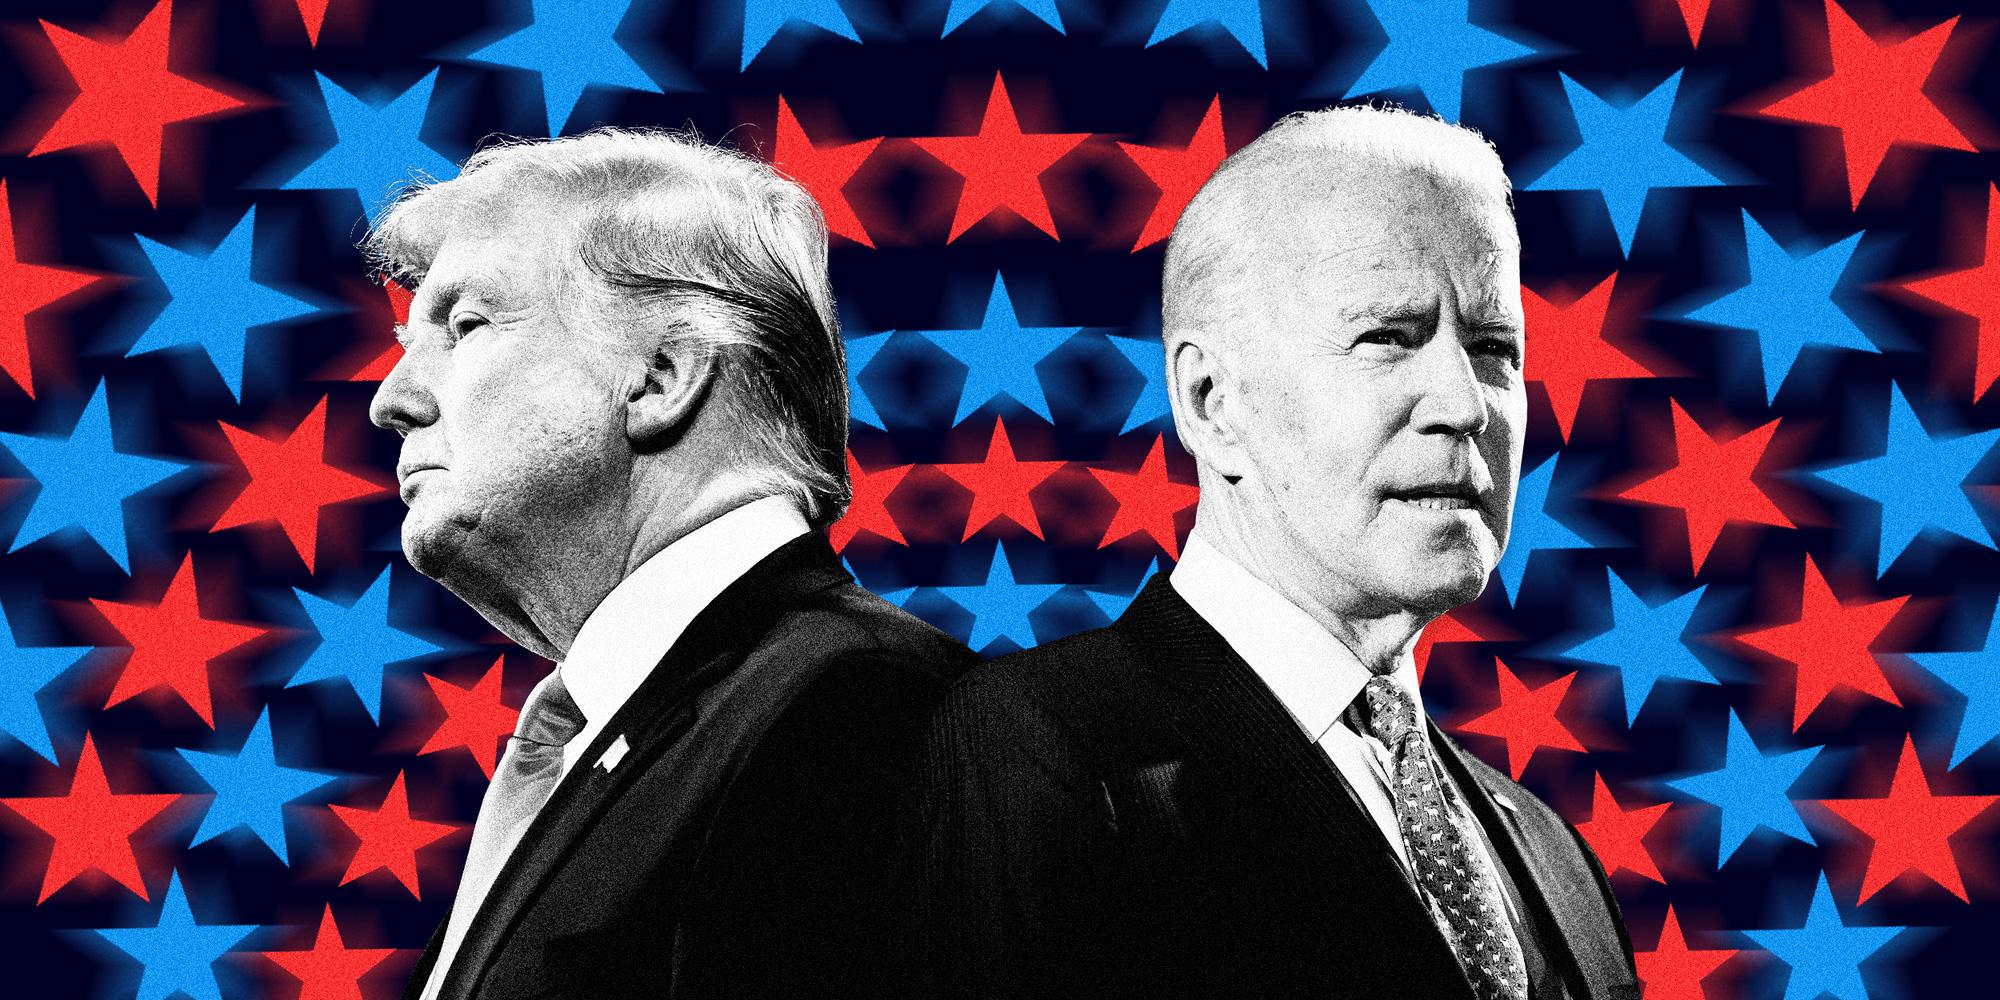 Xác nhận chuyển giao quyền lực cho Biden, TT Trump vẫn tuyên bố chiến đấu đến cùng - Ảnh 1.